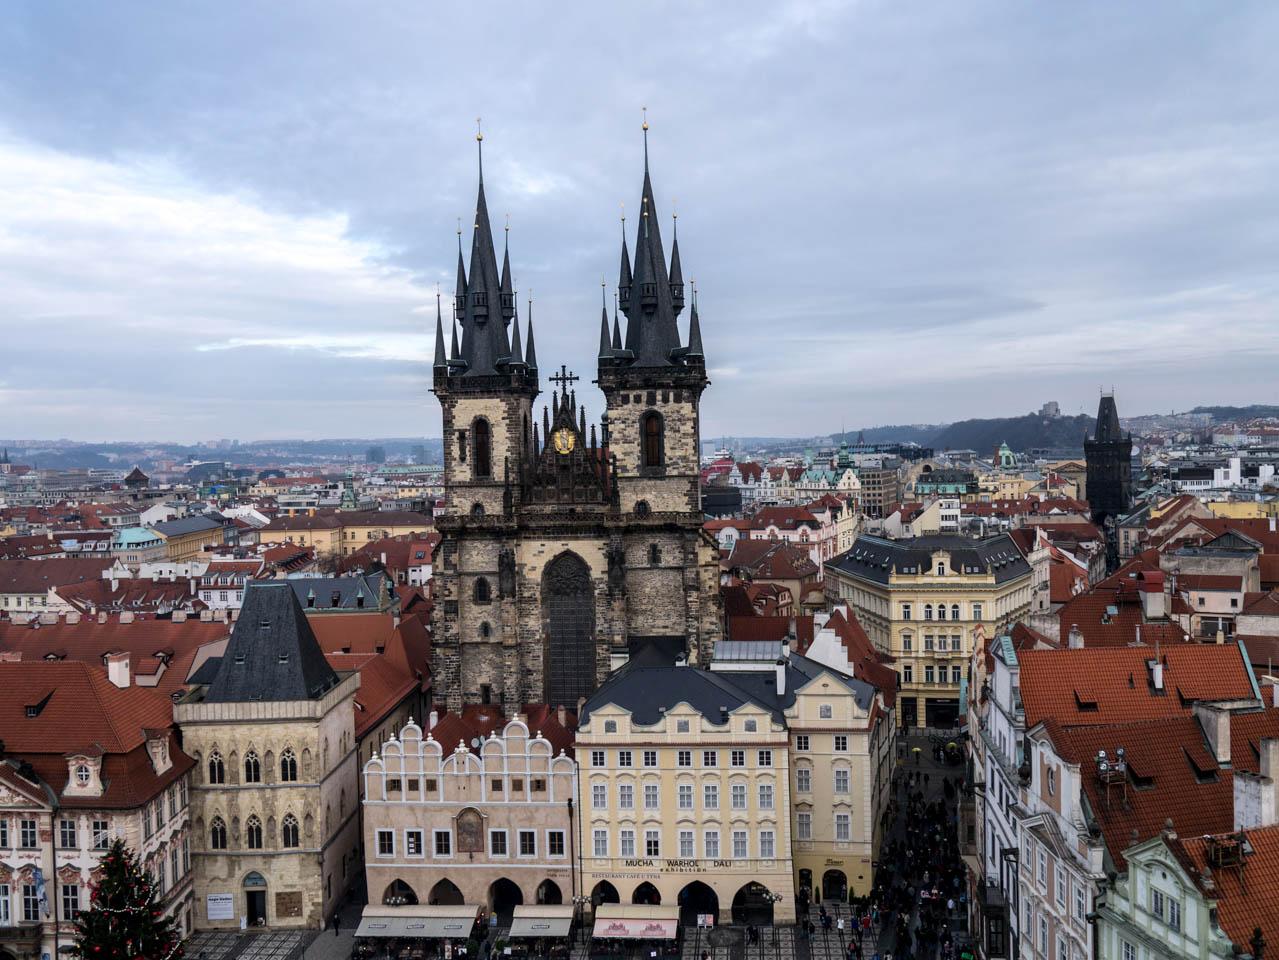 Teynkirche (1 von 1)